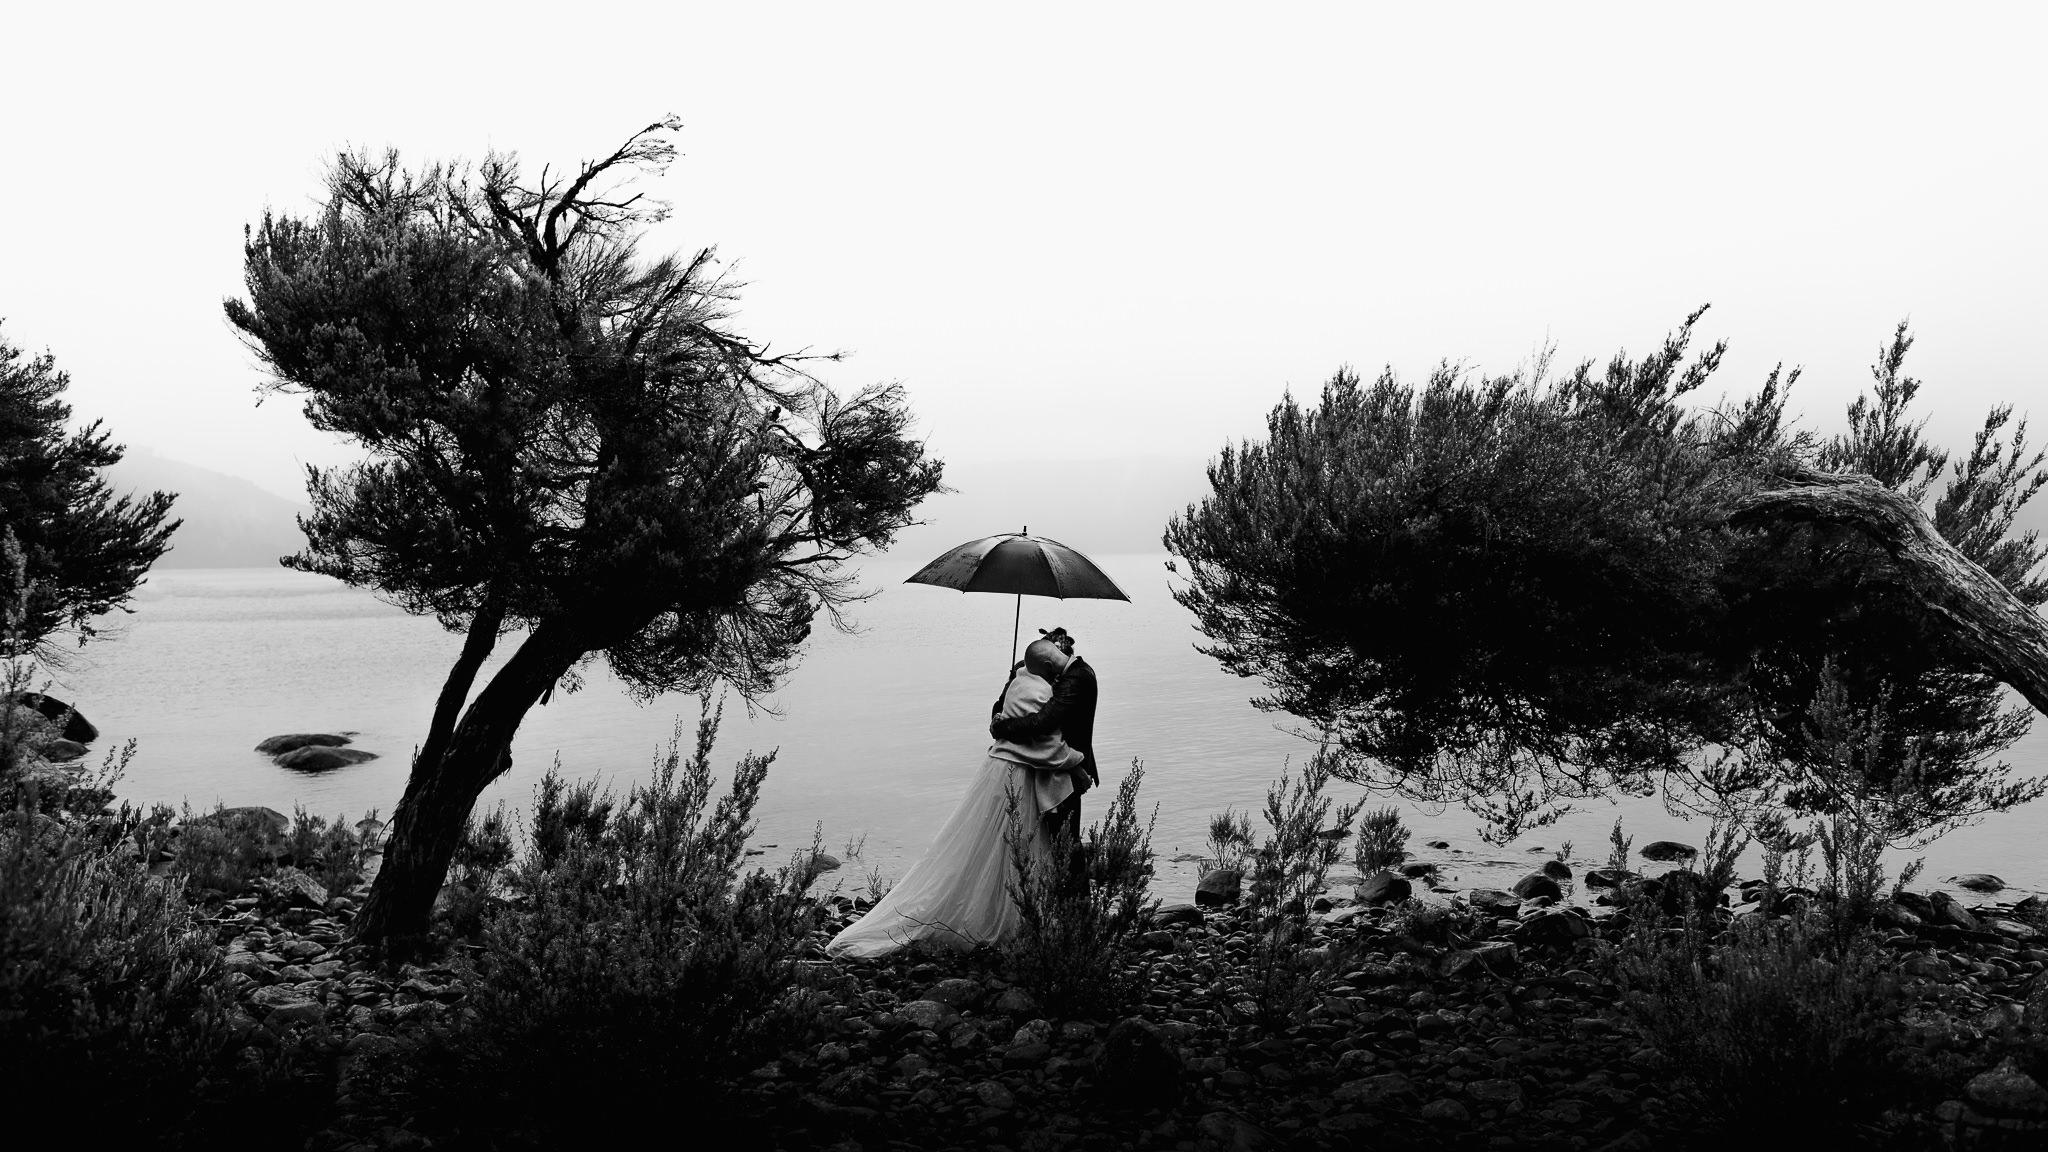 Pumphouse_Point_wedding_photography_elopement626.JPG